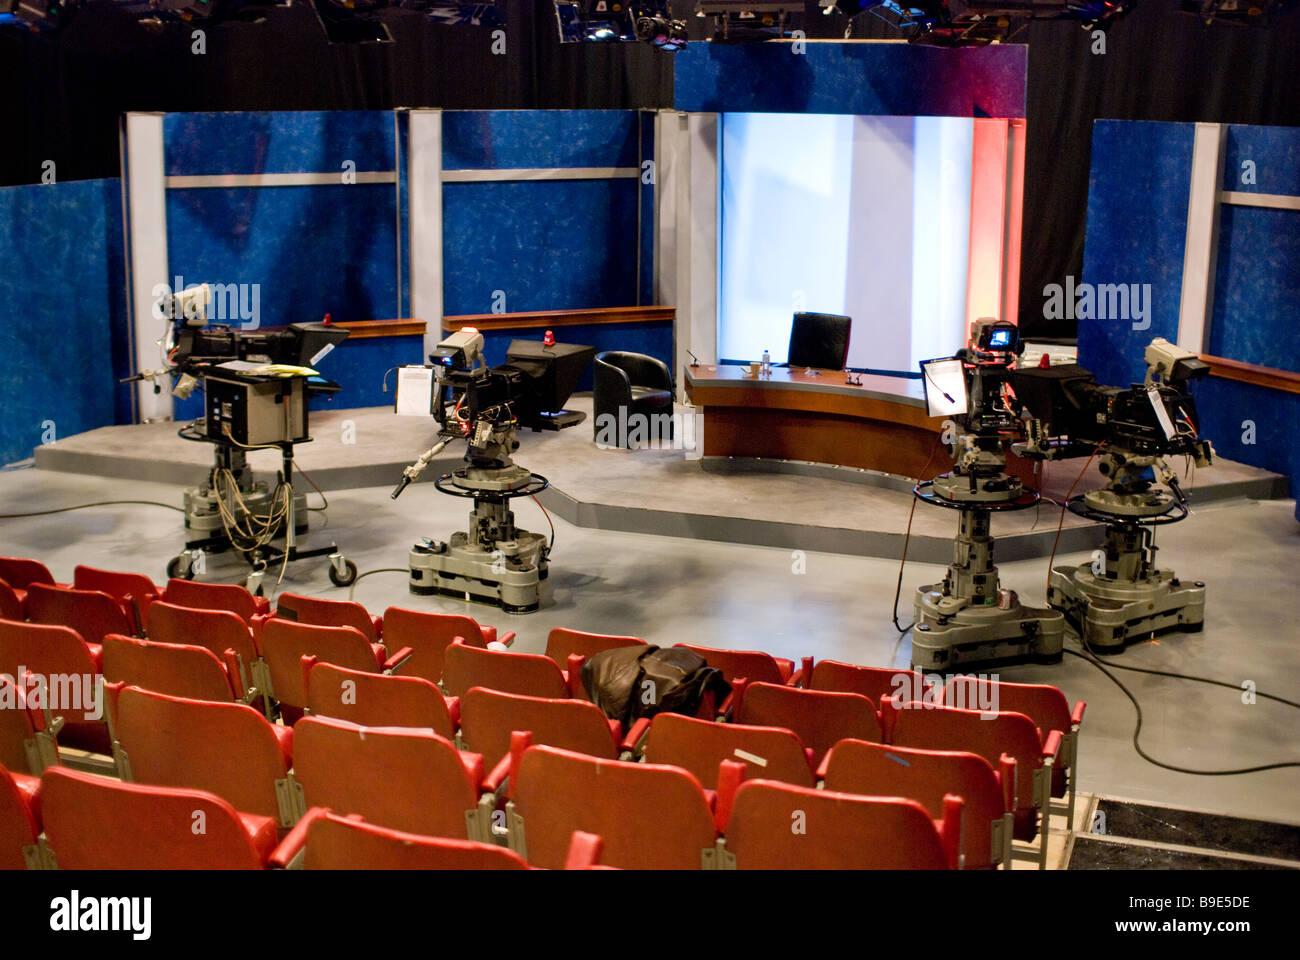 tv studio furniture. Unique Studio A TV Studio  Stock Image And Tv Studio Furniture L